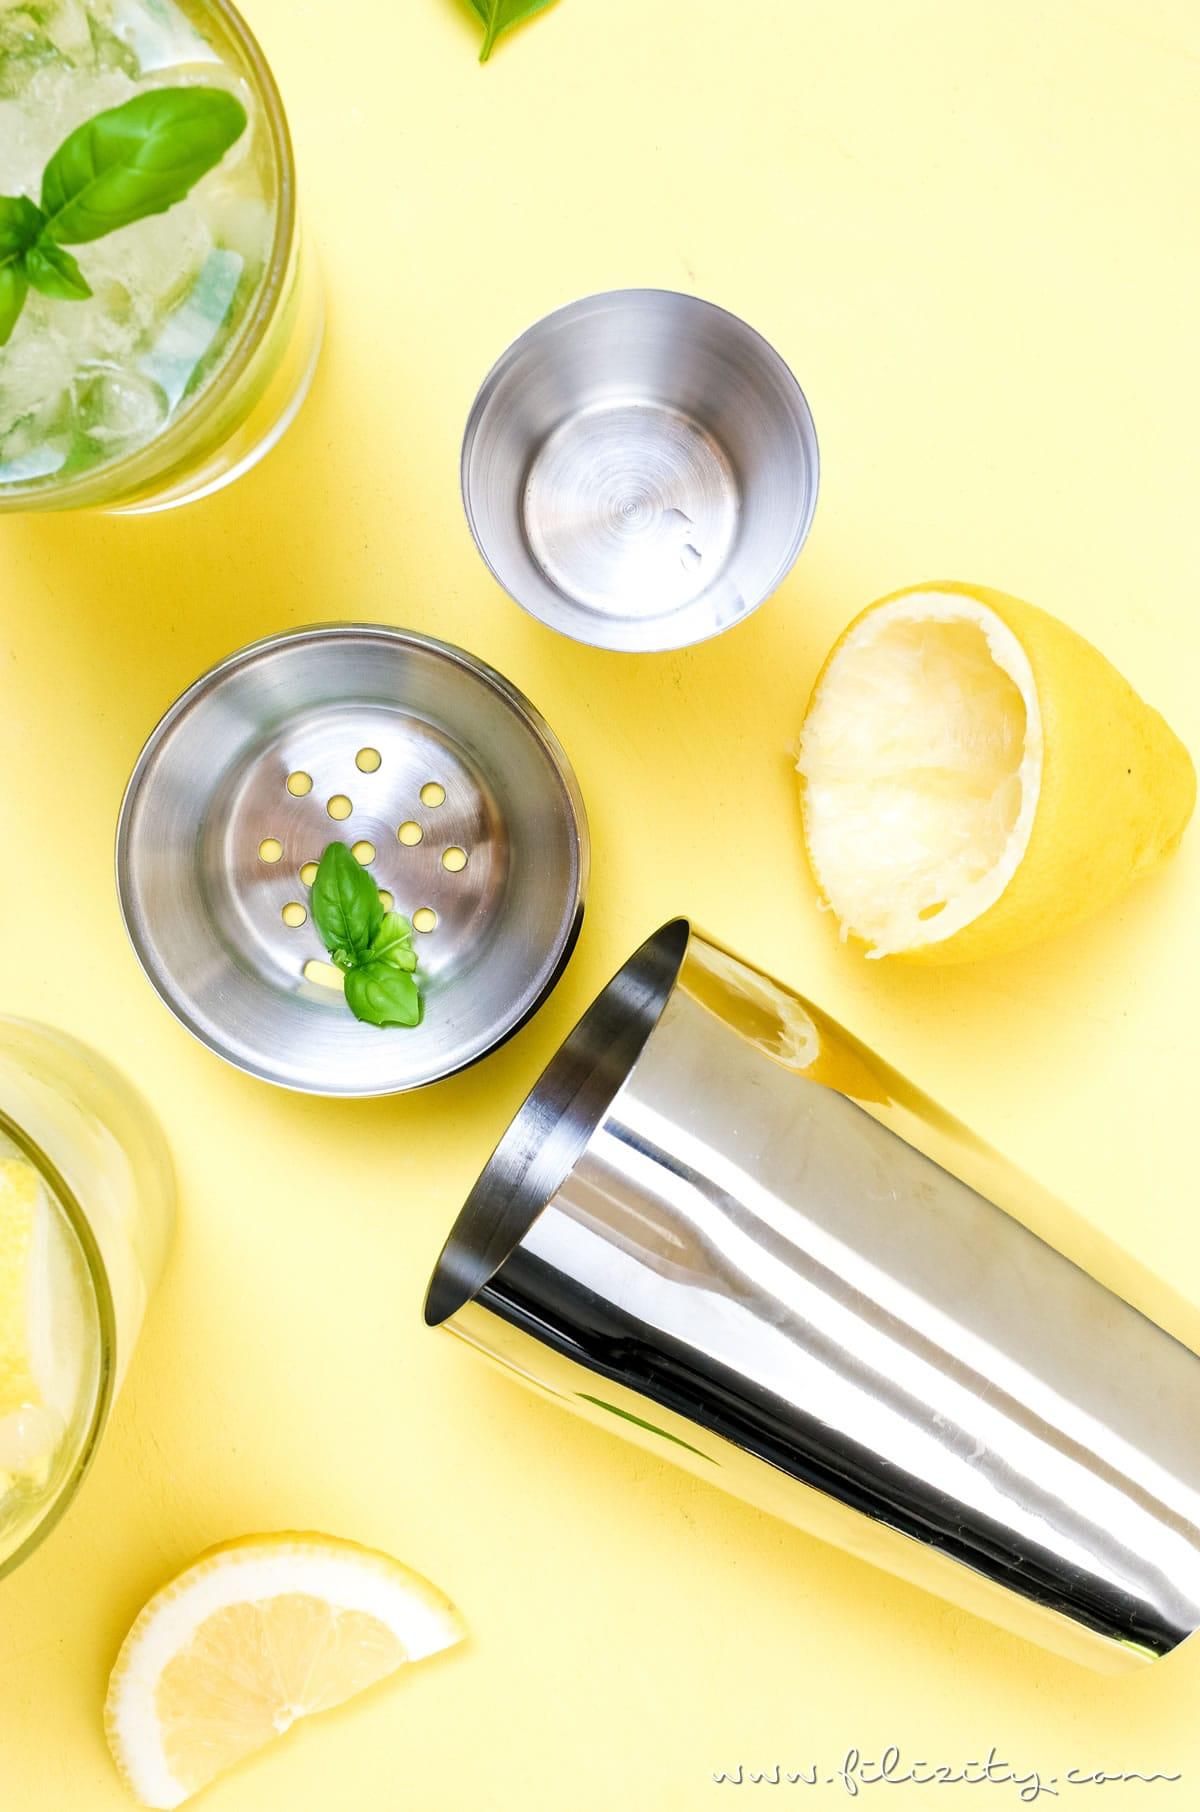 Rezept für Zitronen-Mojito mit Basilikum | Der kubanische Cocktail-Klassiker | Filizity.com | Food-Blog aus dem Rheinland #cocktail #sommer #drink